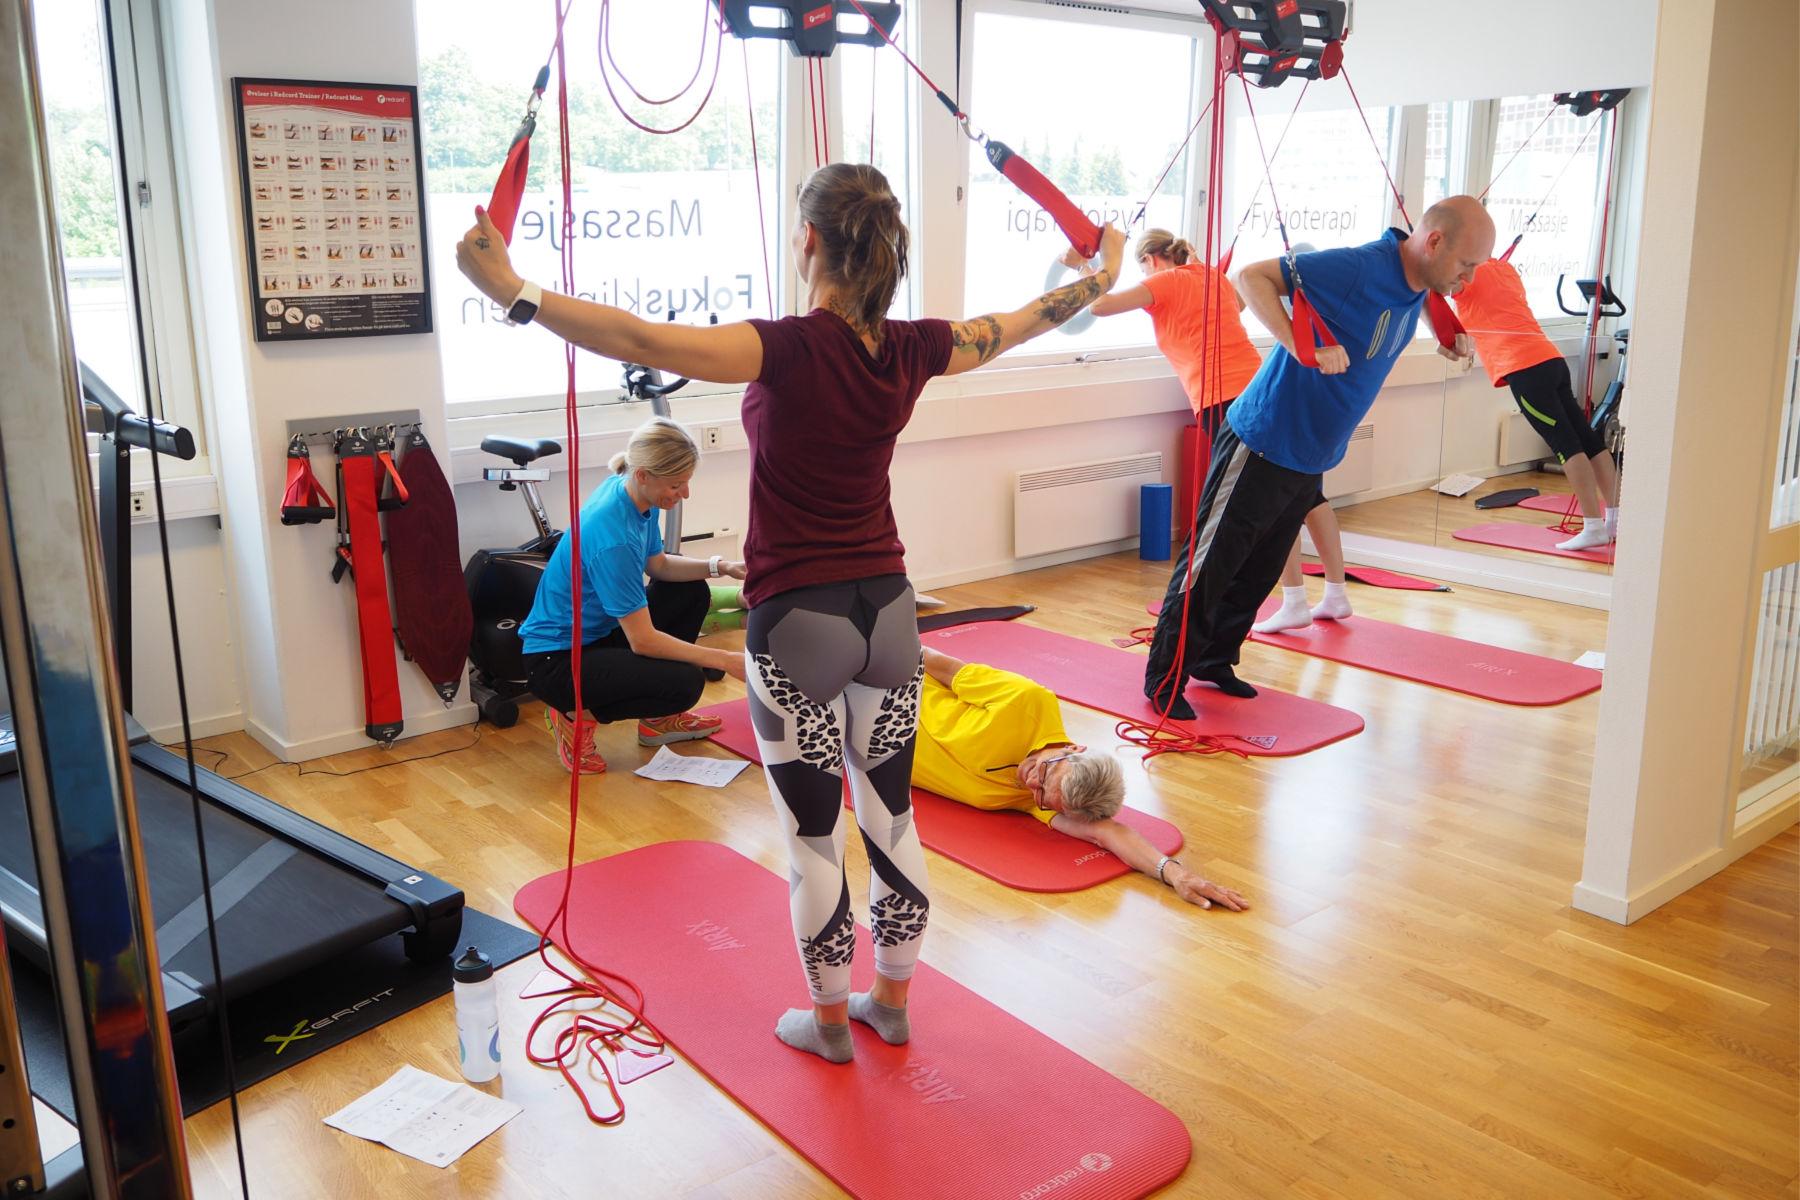 Fysioterapeutene på Fokusklinikken tilbyr trening og rehabilitering individuelt eller i små grupper. Foto: Fokusklinikken